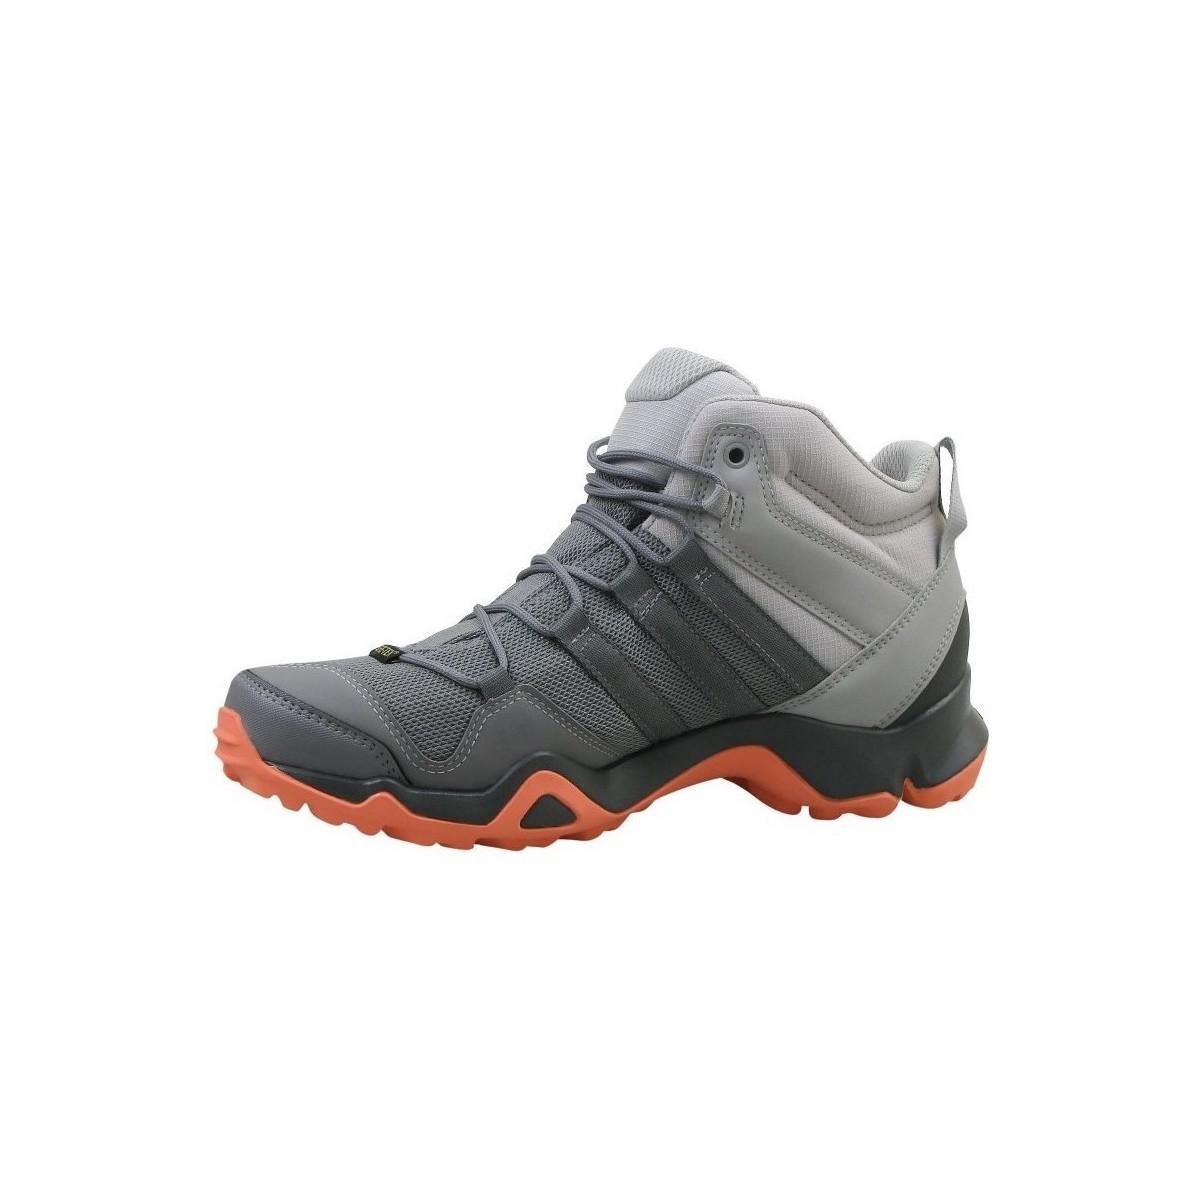 Lyst adidas terrex ax2r metà gtx w scarpe da donna (allenatori)